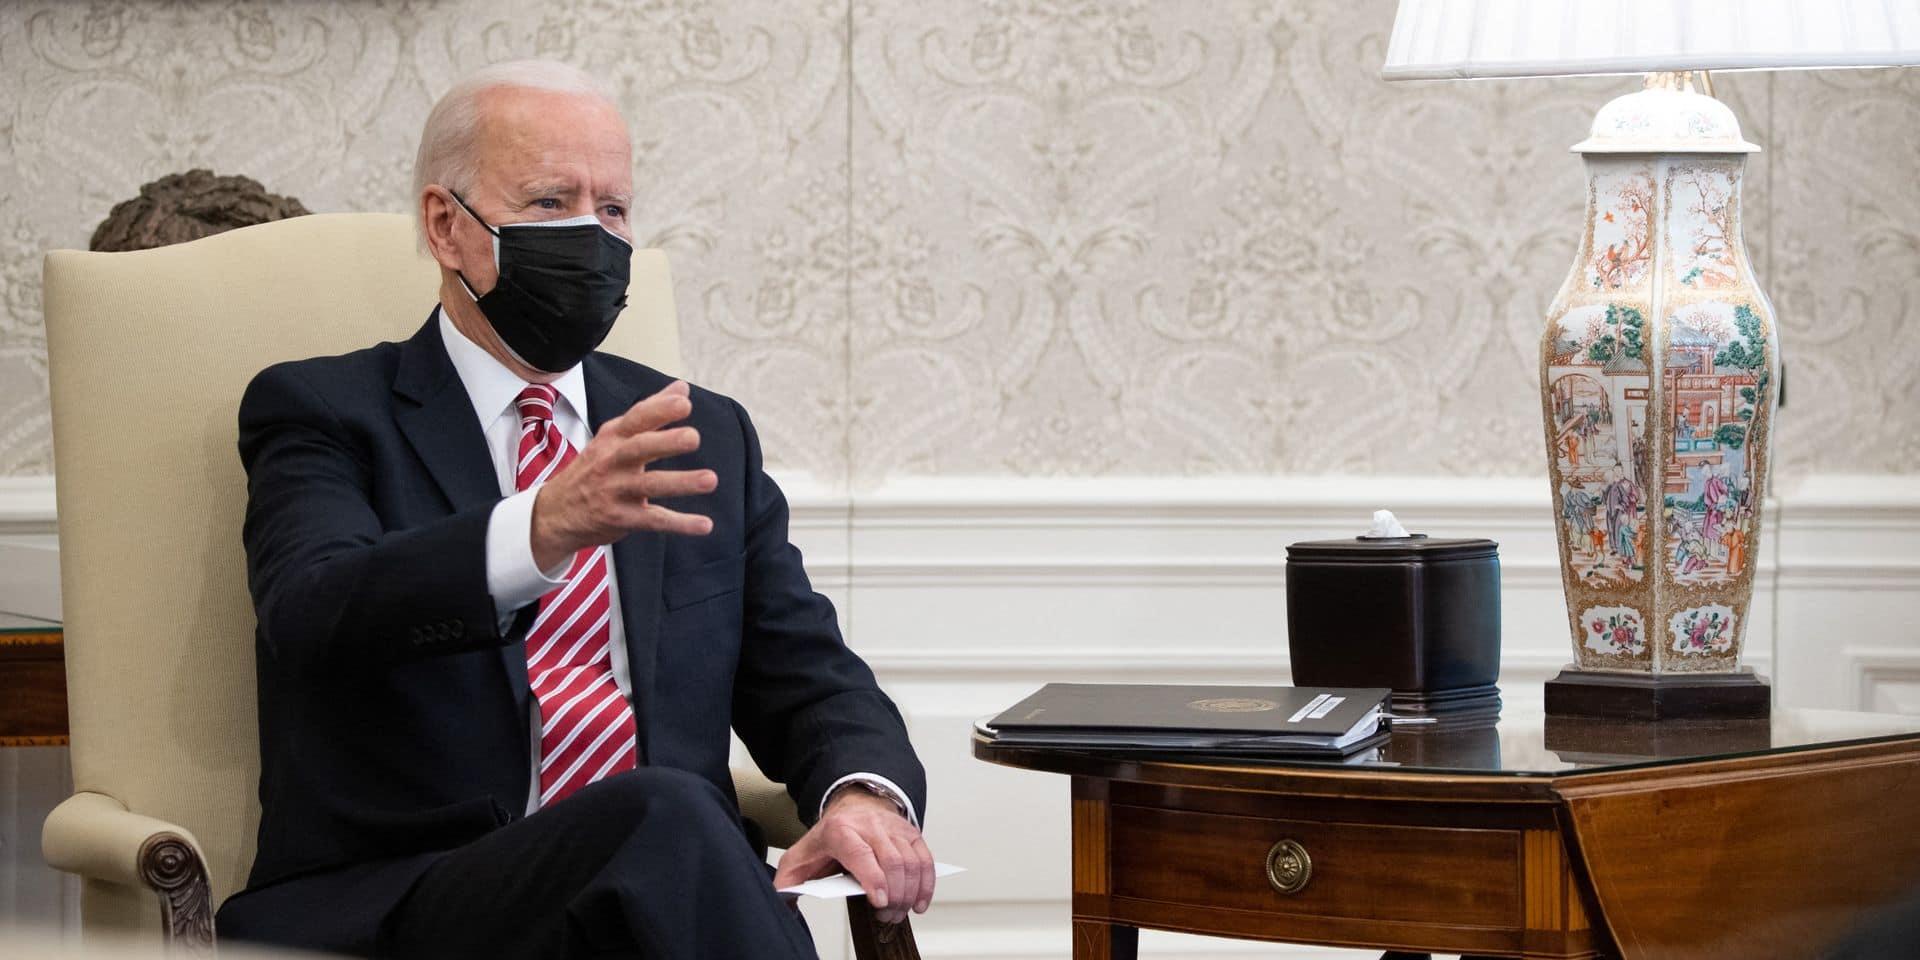 Les trois gestes des Etats-Unis à l'égard de l'Iran afin de relancer l'accord nucléaire